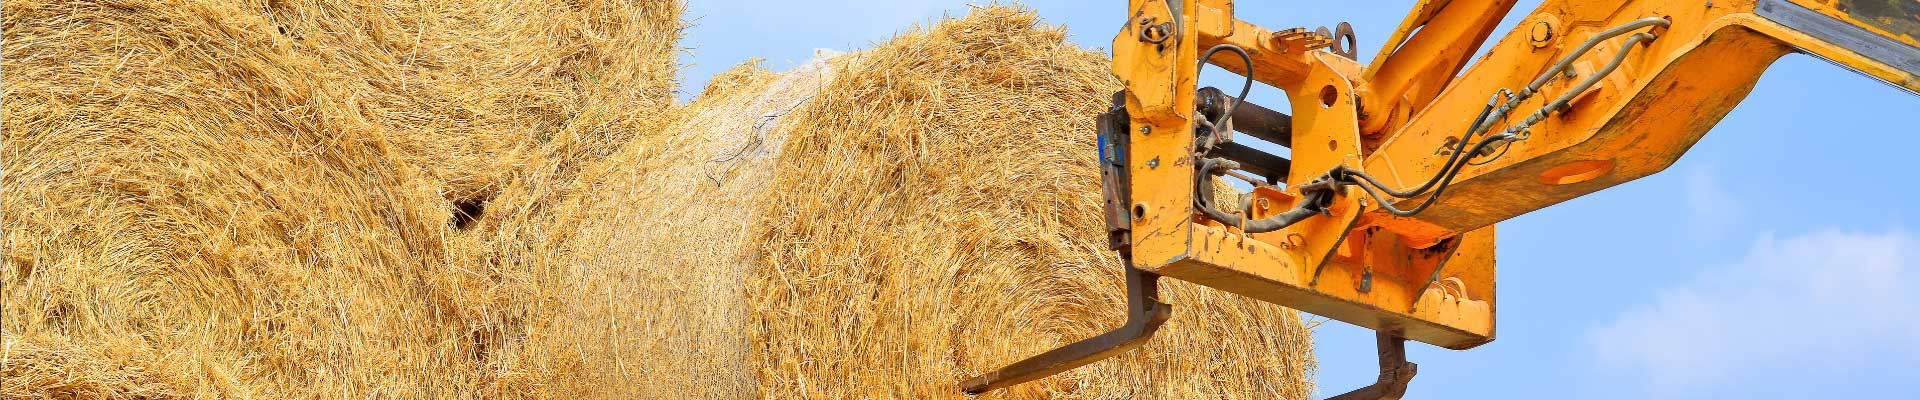 Des télescopiques agricoles multimarques d'occasion chez Tipmat